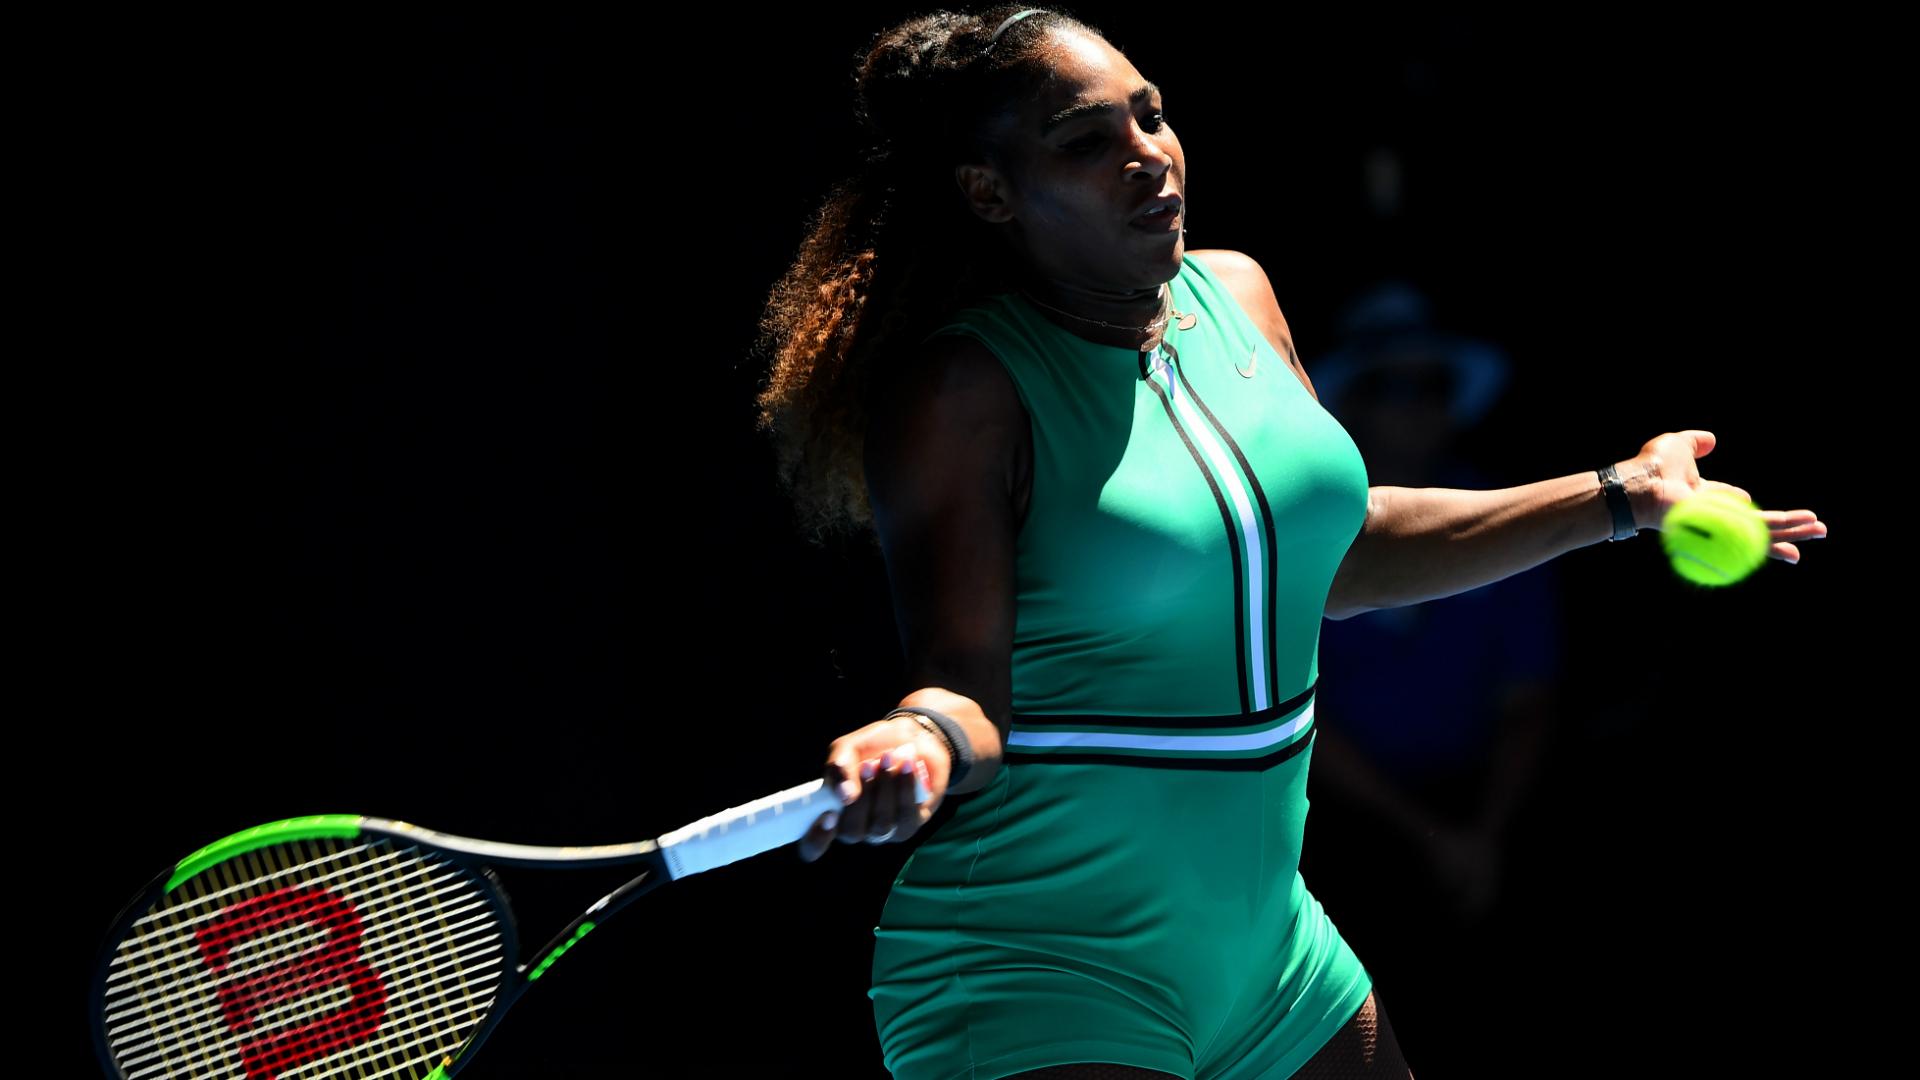 23-time grand slam champion Serena Williams